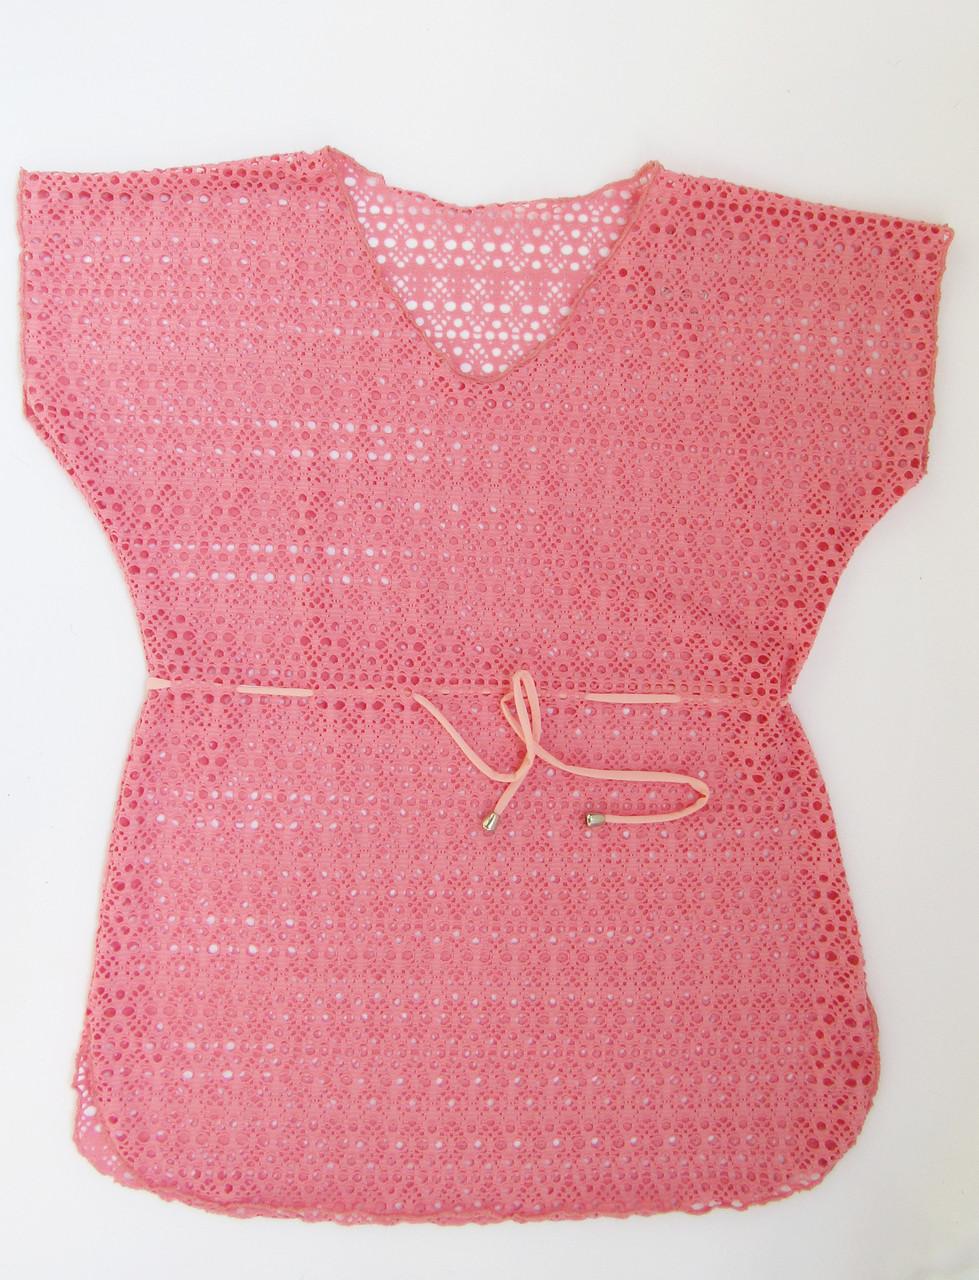 Детская пляжная накидка туника  для девочек Розовый